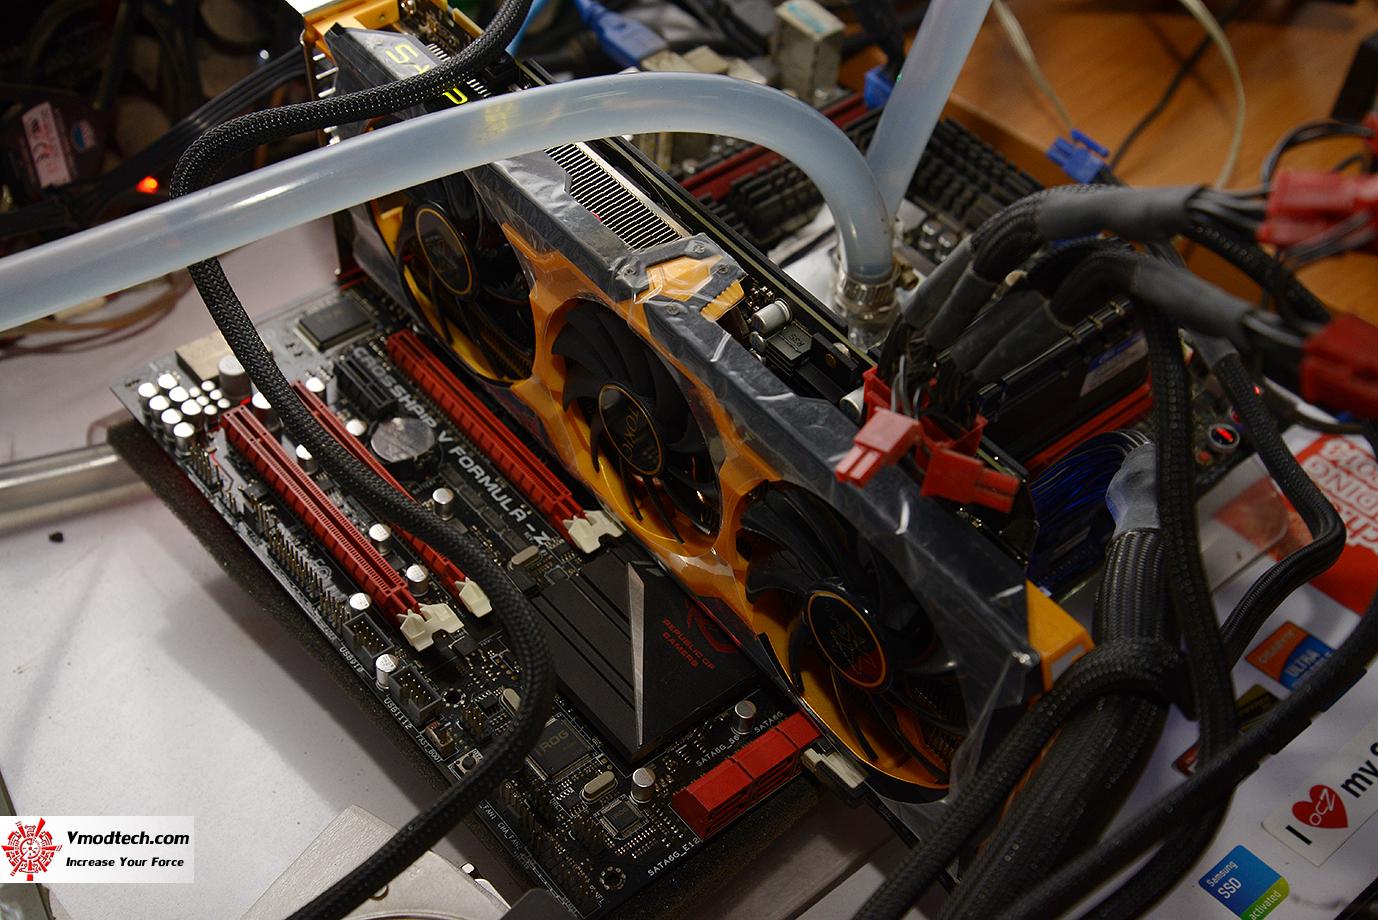 หน้าที่ 1 - SAPPHIRE TOXIC R9 270X 2GB GDDR5 WITH BOOST